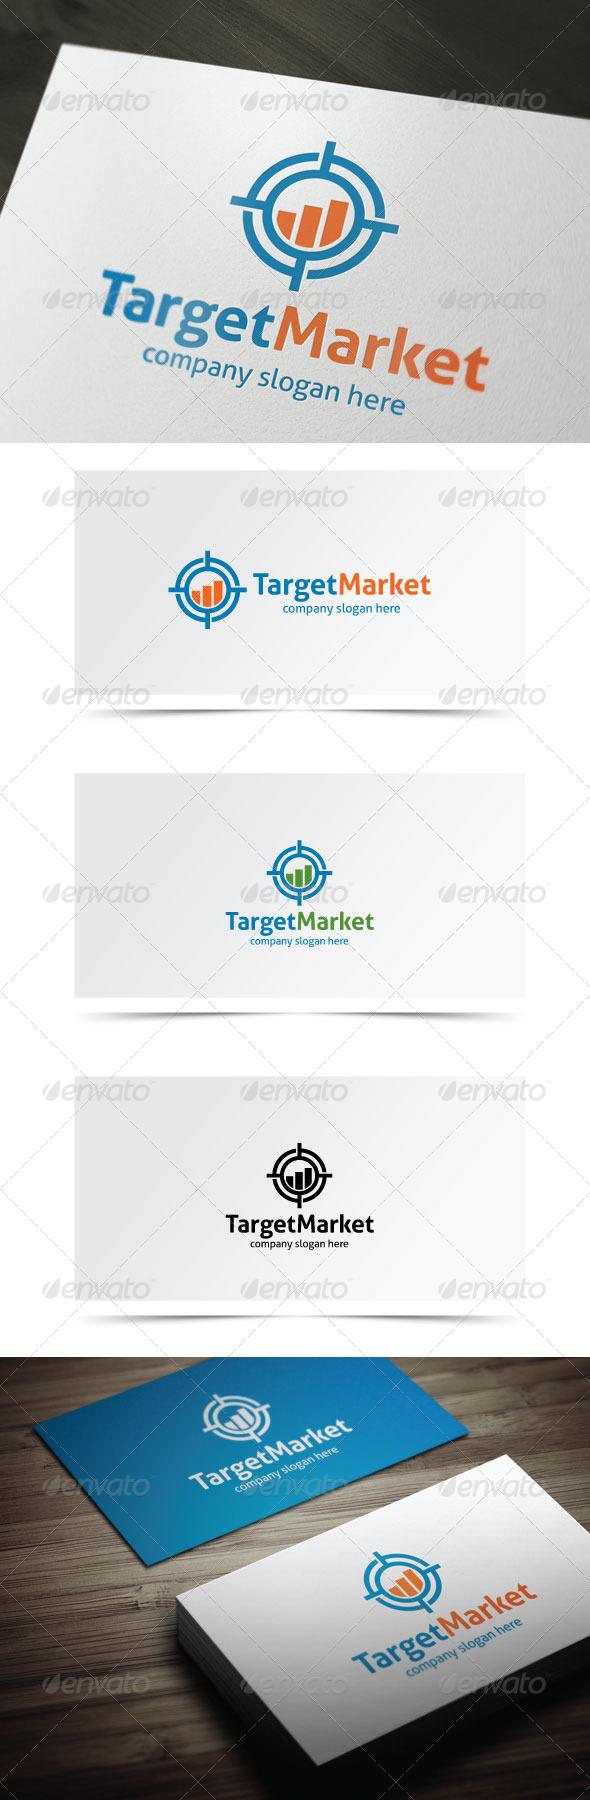 GraphicRiver Target Market 7481563